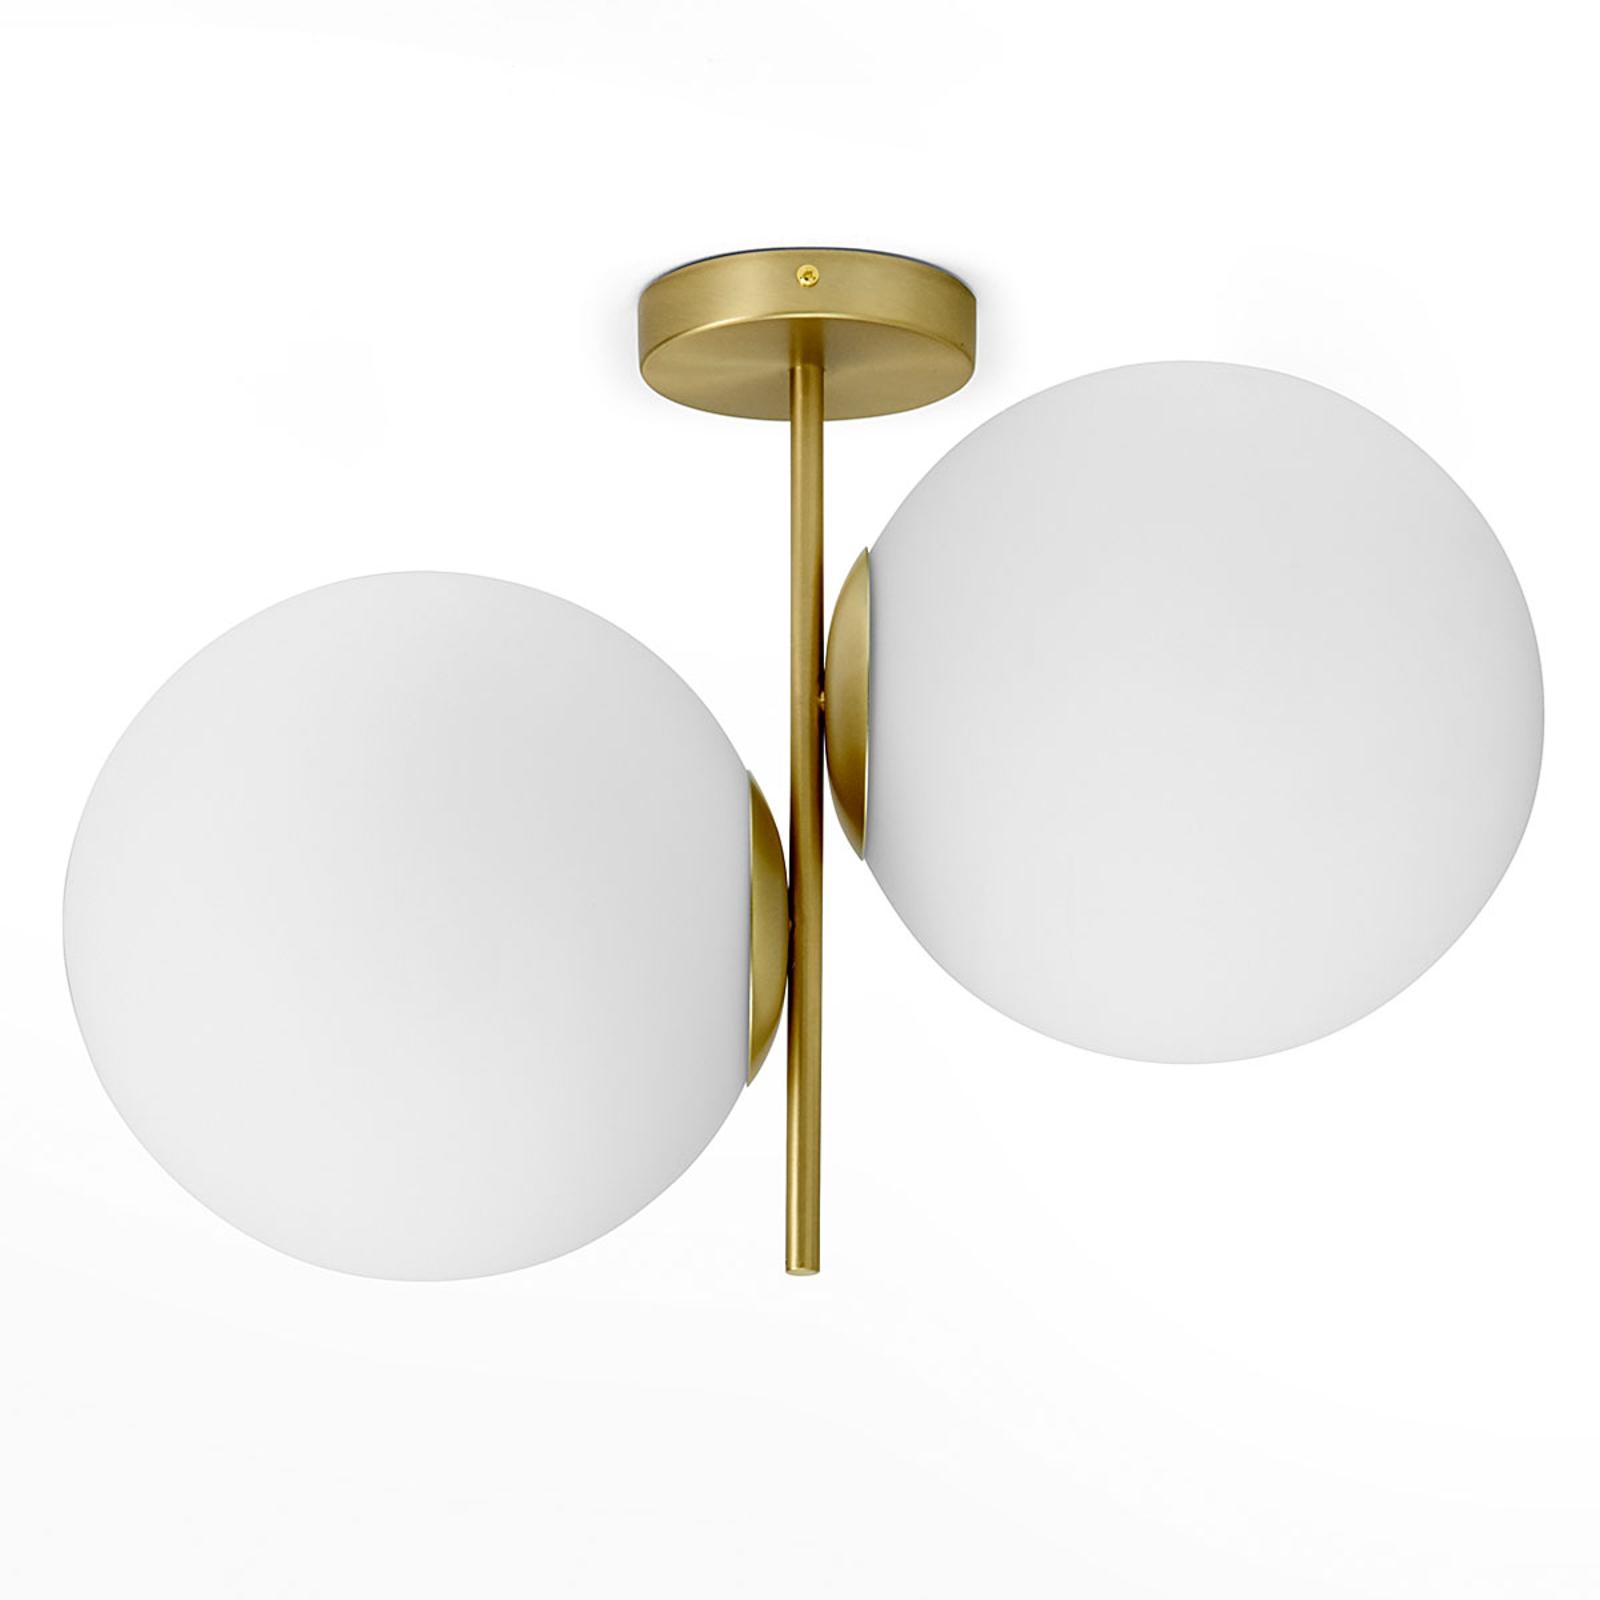 Plafonnier en laiton Jugen à 2 lampes vertical